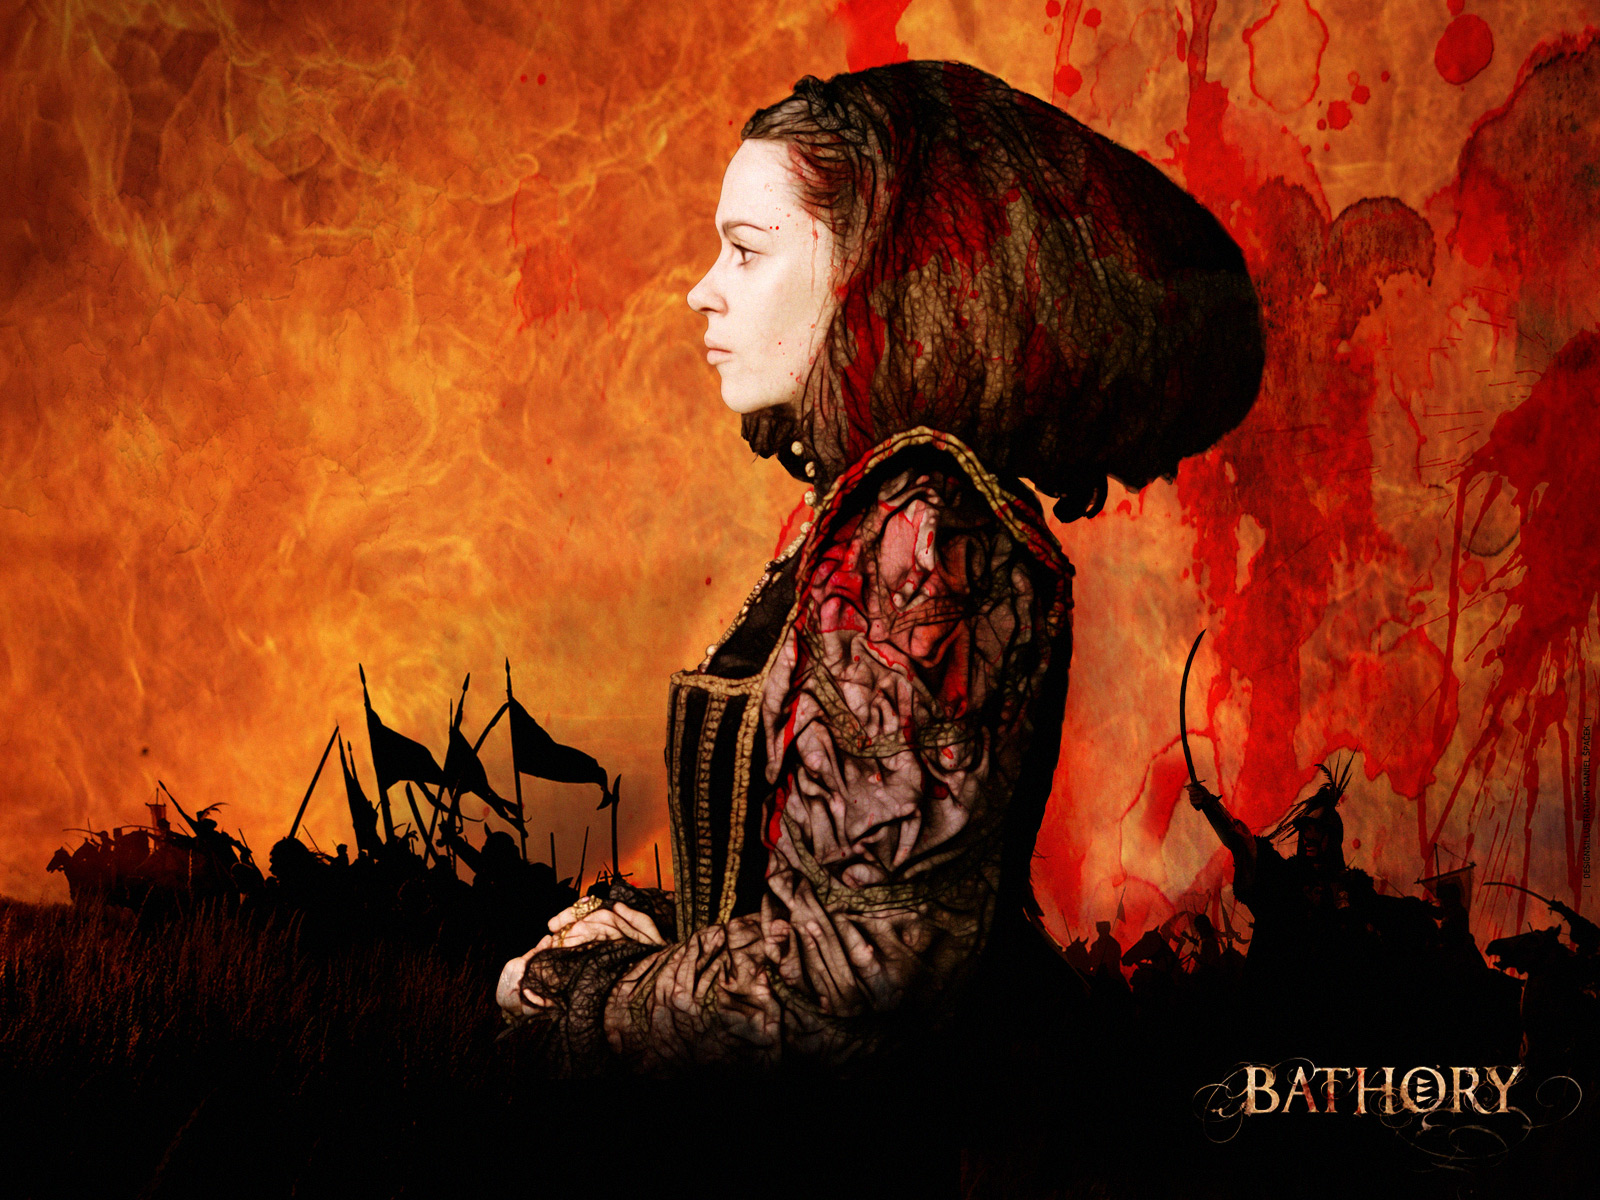 Обои для рабочего стола Кровавая графиня - Батори Фильмы кино